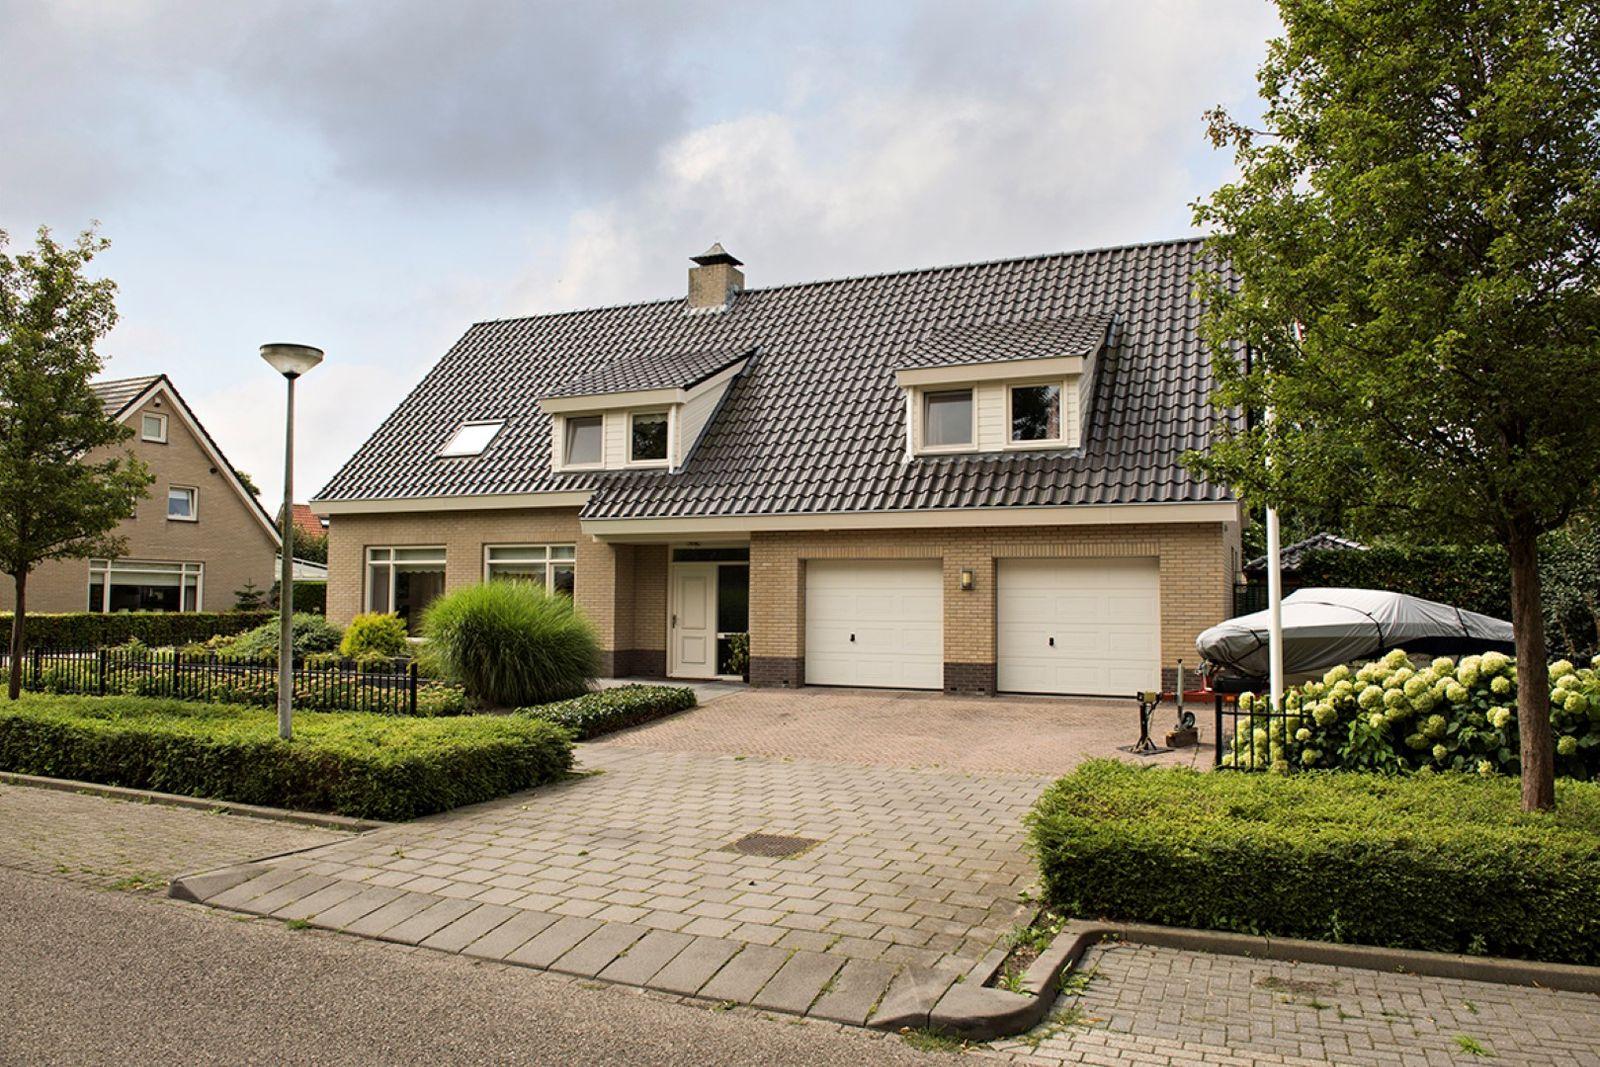 Laurentiusdijk 50, Steenbergen